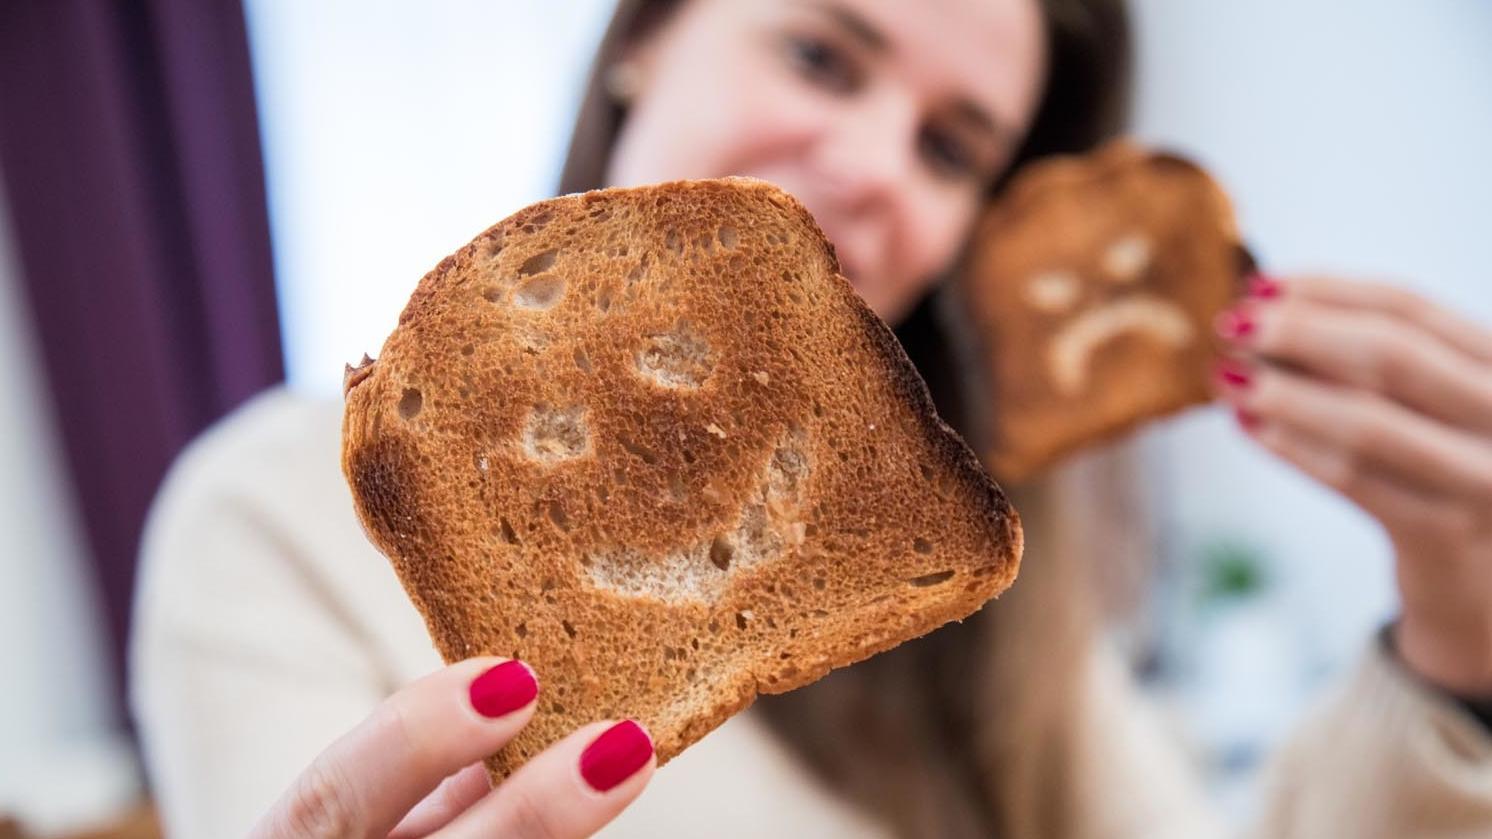 Eine junge Frau hält zwei Scheiben Toastbrot mit eingeritzten Gesichtern in den Händen.